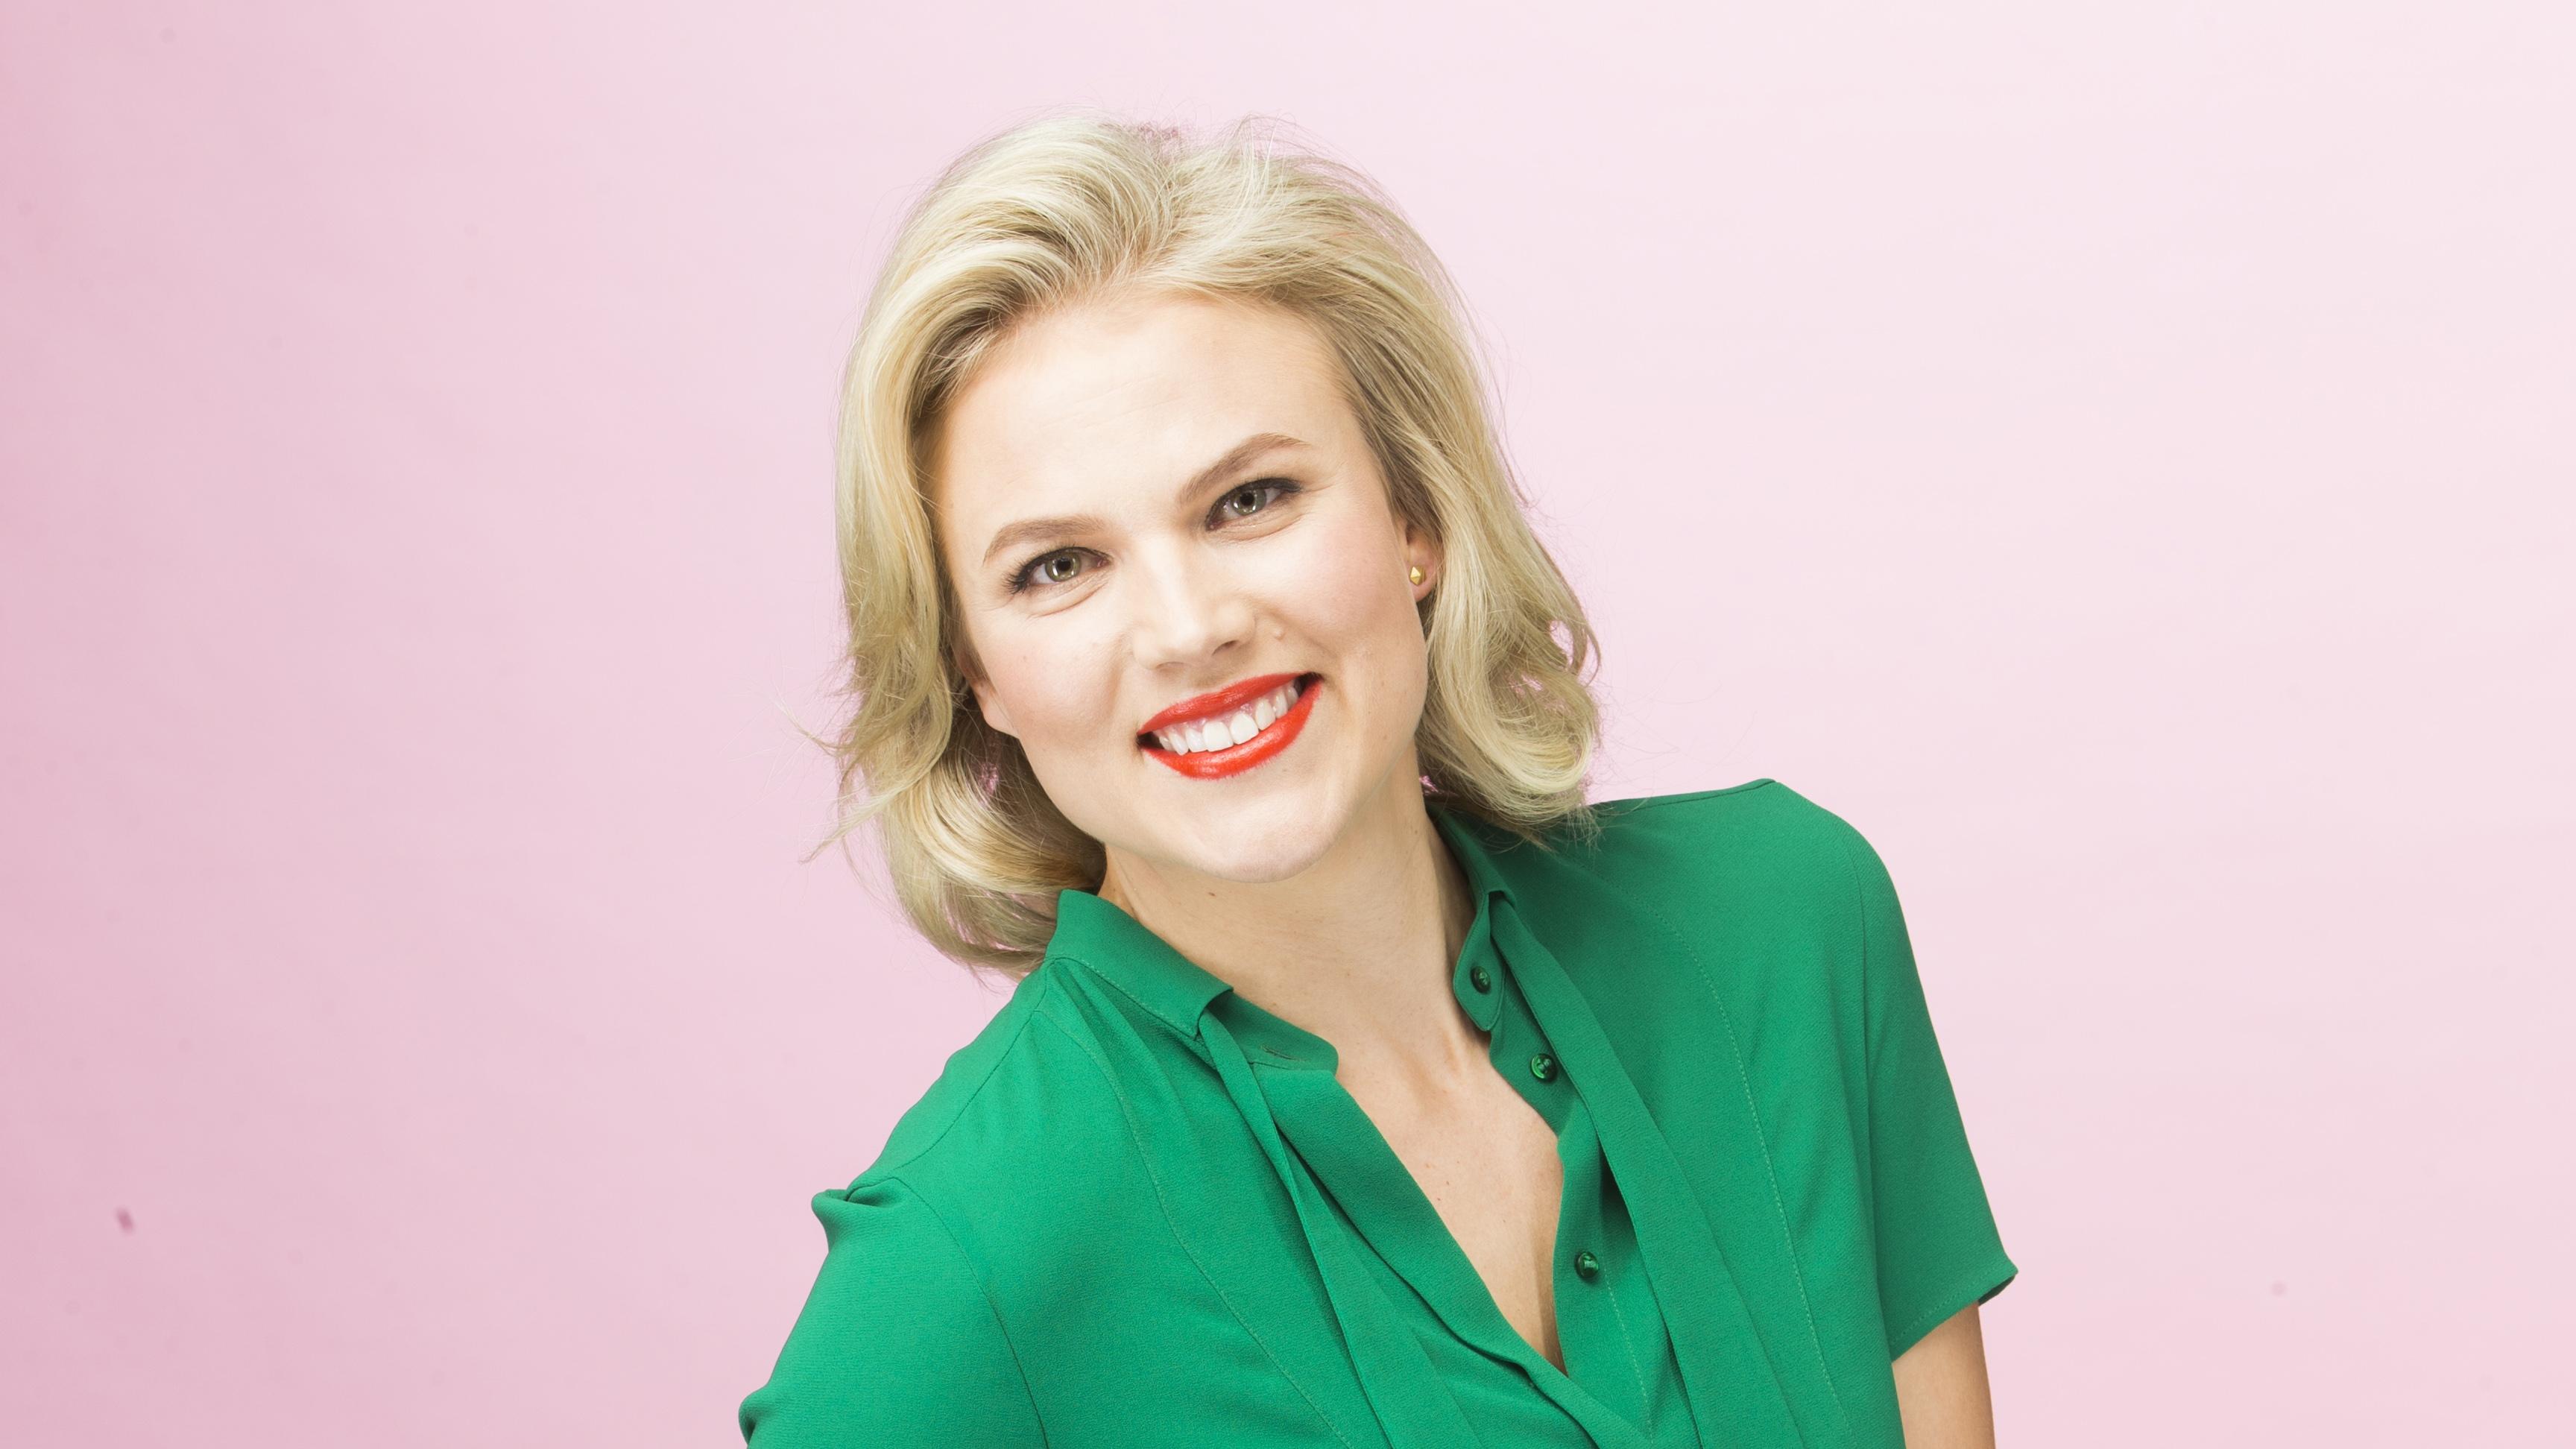 Emilia Vuorisalmi tekee DocEmilia-brändinsä somekanavilla esimerkiksi podcasteja ja tarjoaa vinkkejä jaksamiseen.